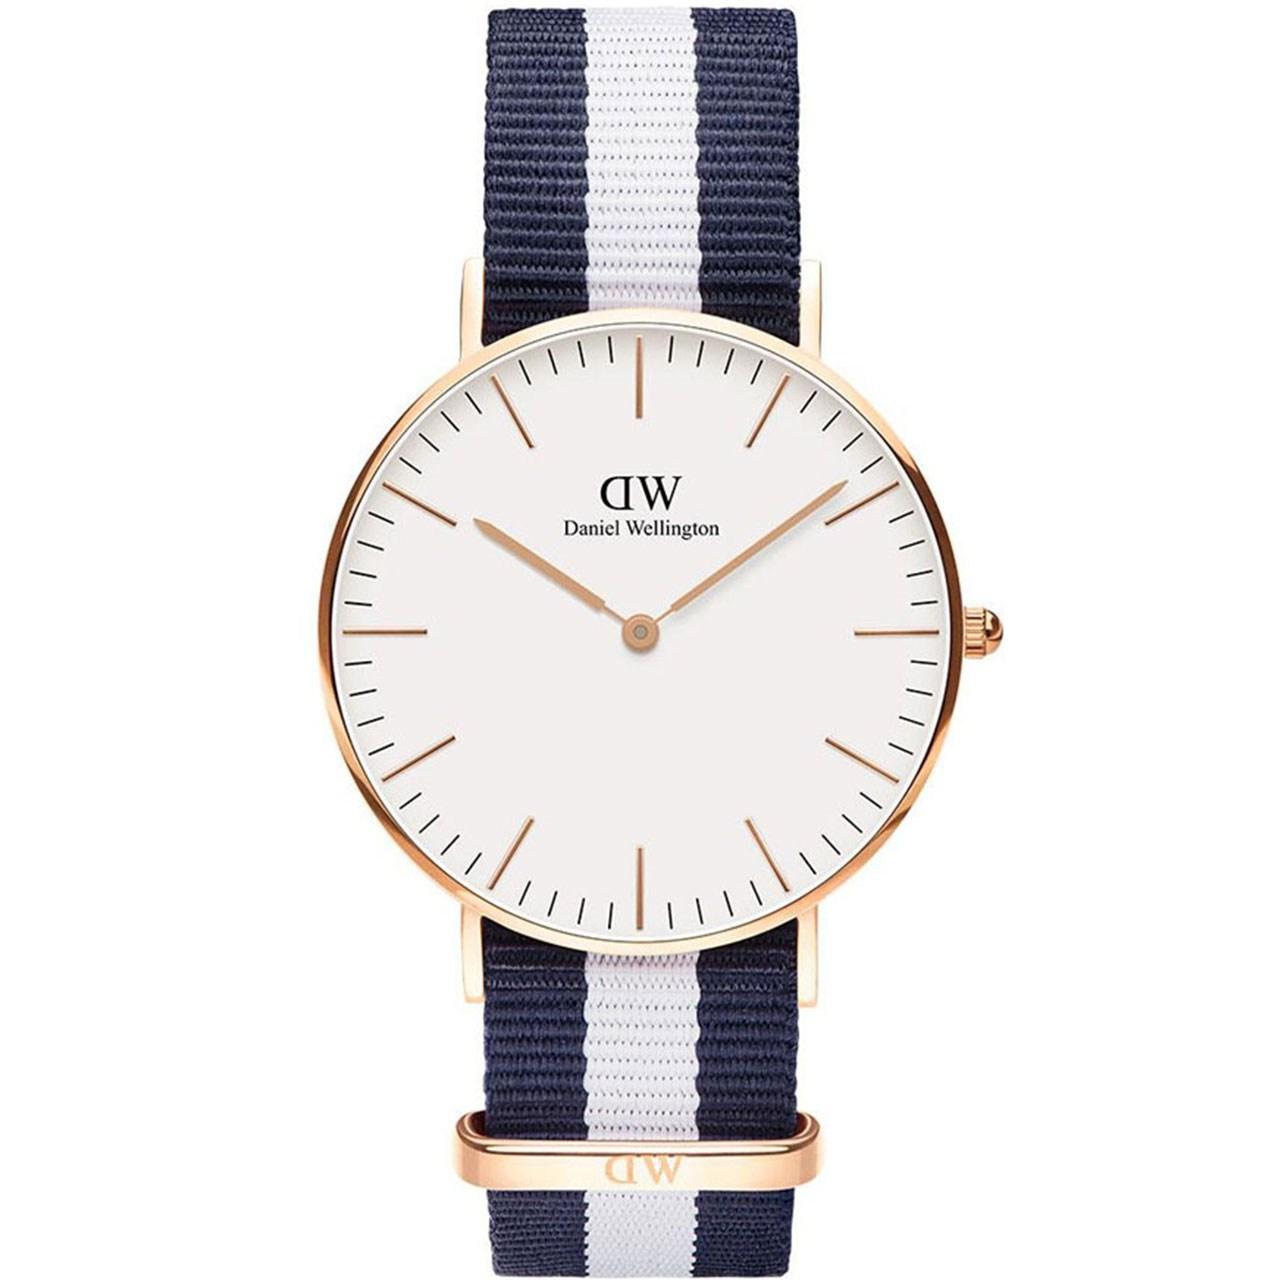 ساعت مچی عقربه ای زنانه دنیل ولینگتون مدل DW00100031              خرید (⭐️⭐️⭐️)